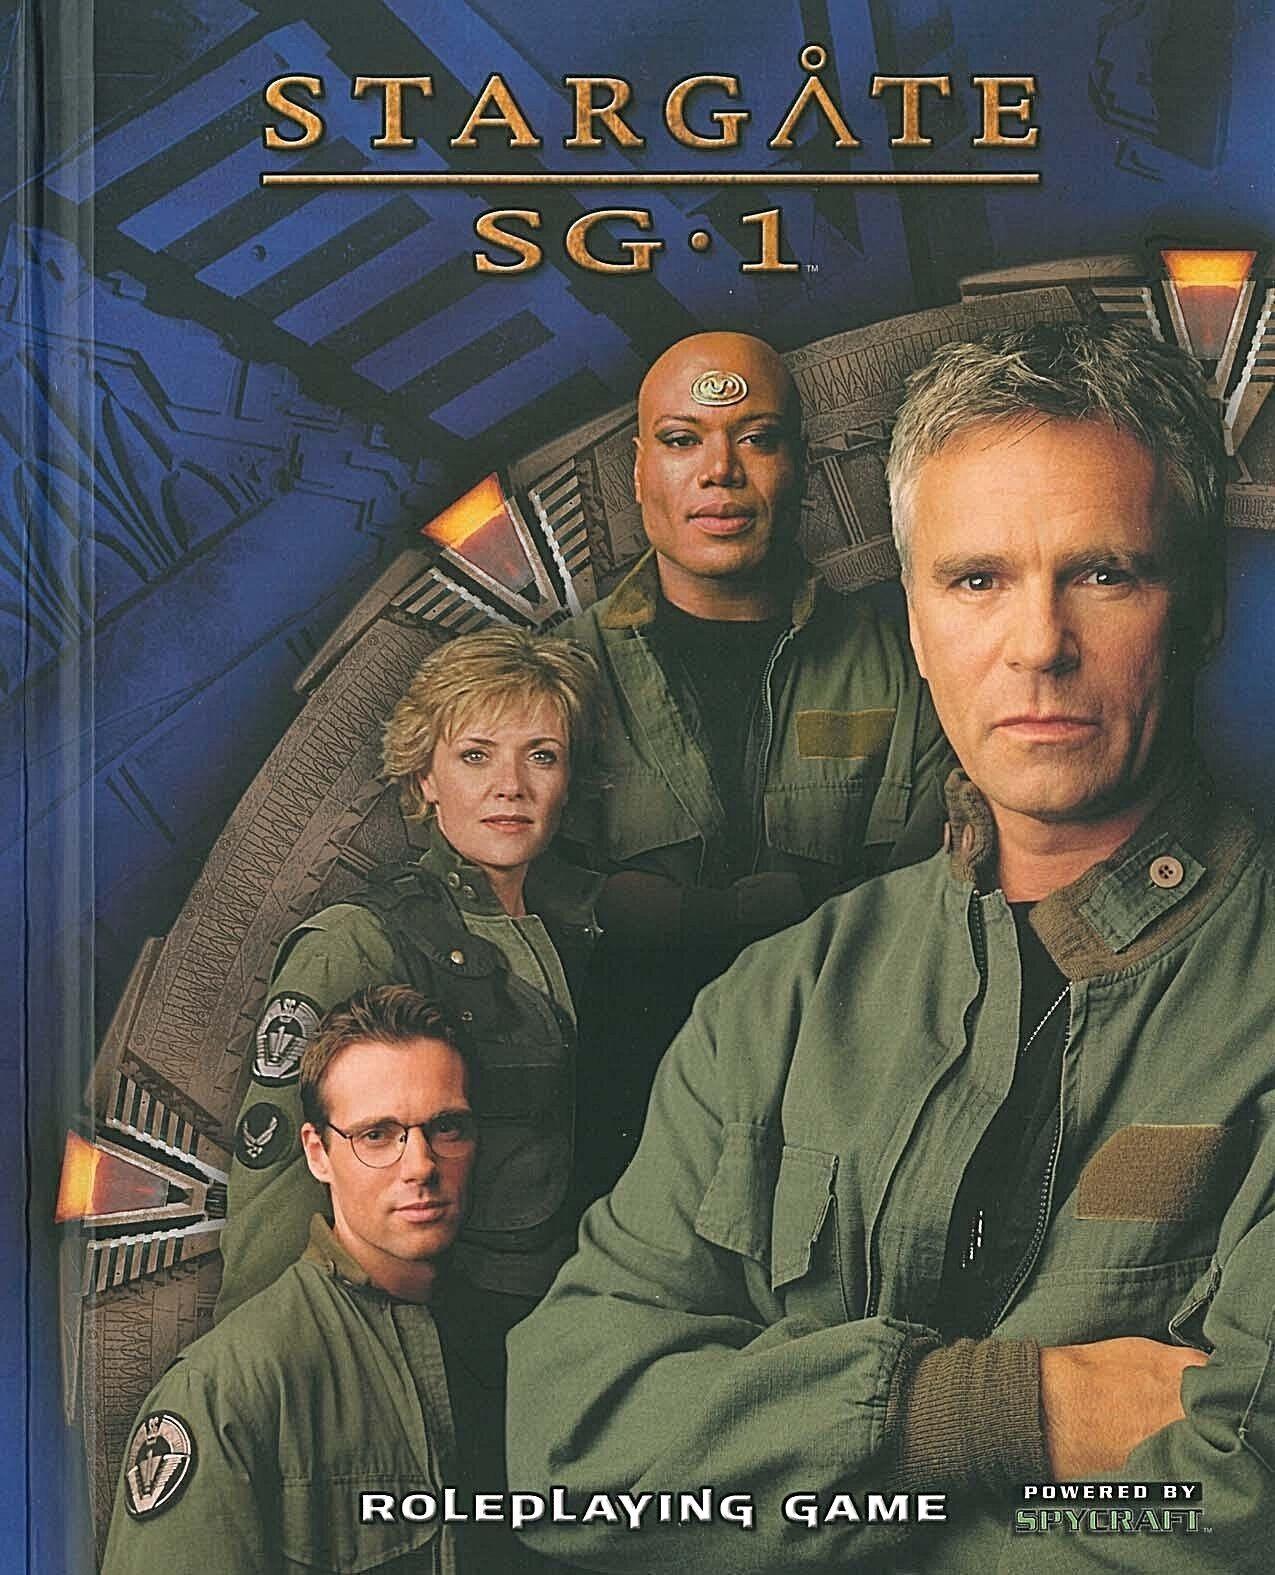 Estrellagate SG.1 RPG Gioco di Ruolo Il rilegato libro spionaggio  2003-RARO  grande sconto